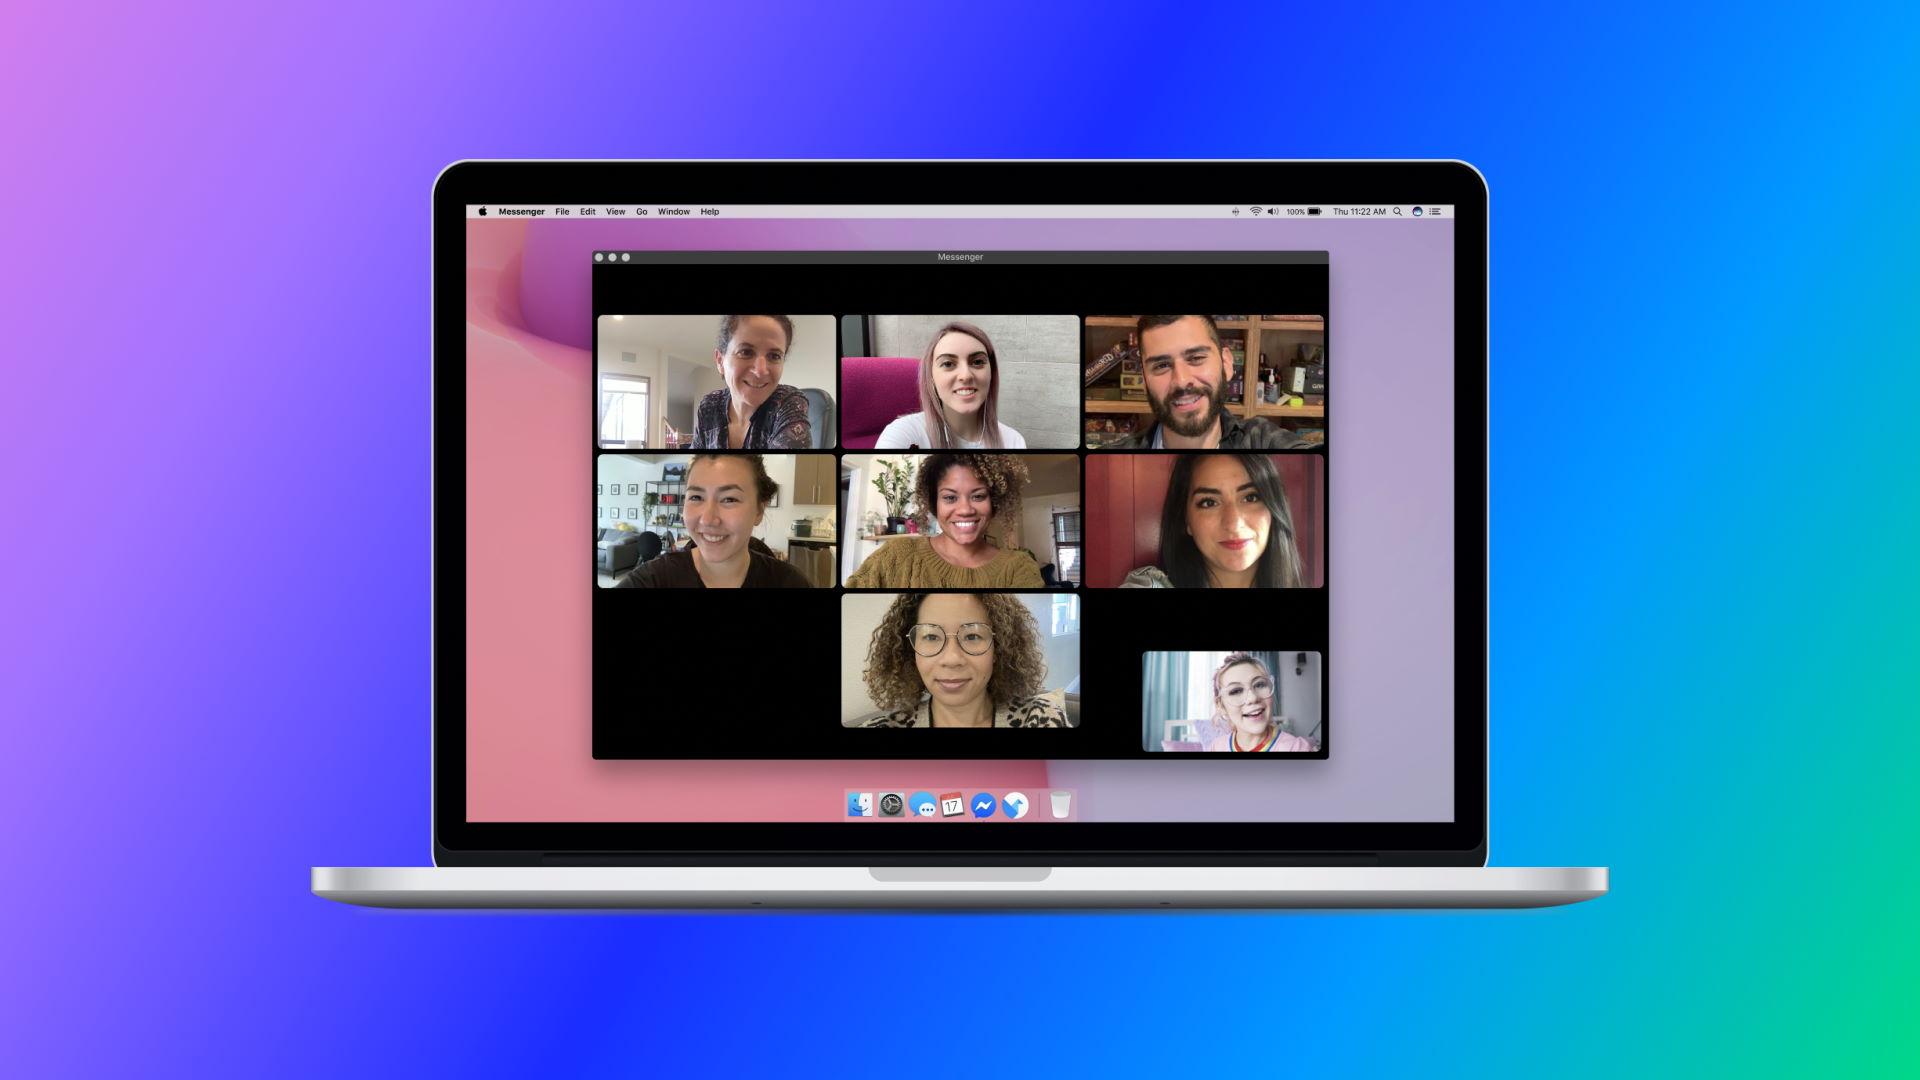 Facebook Messenger For Desktop Header